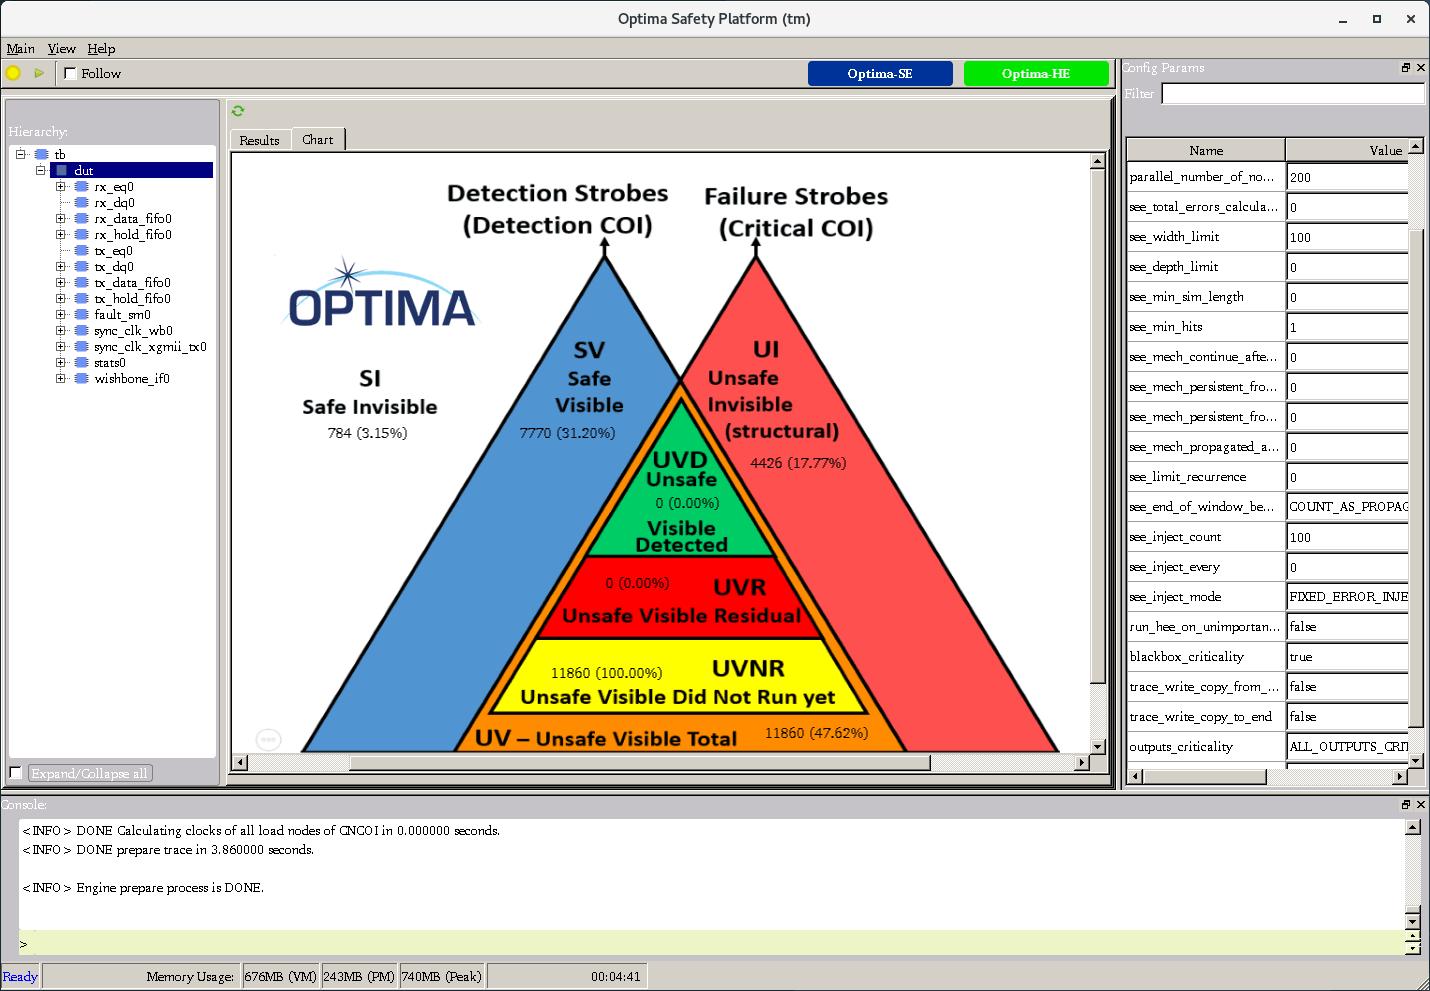 Optima-SA Output